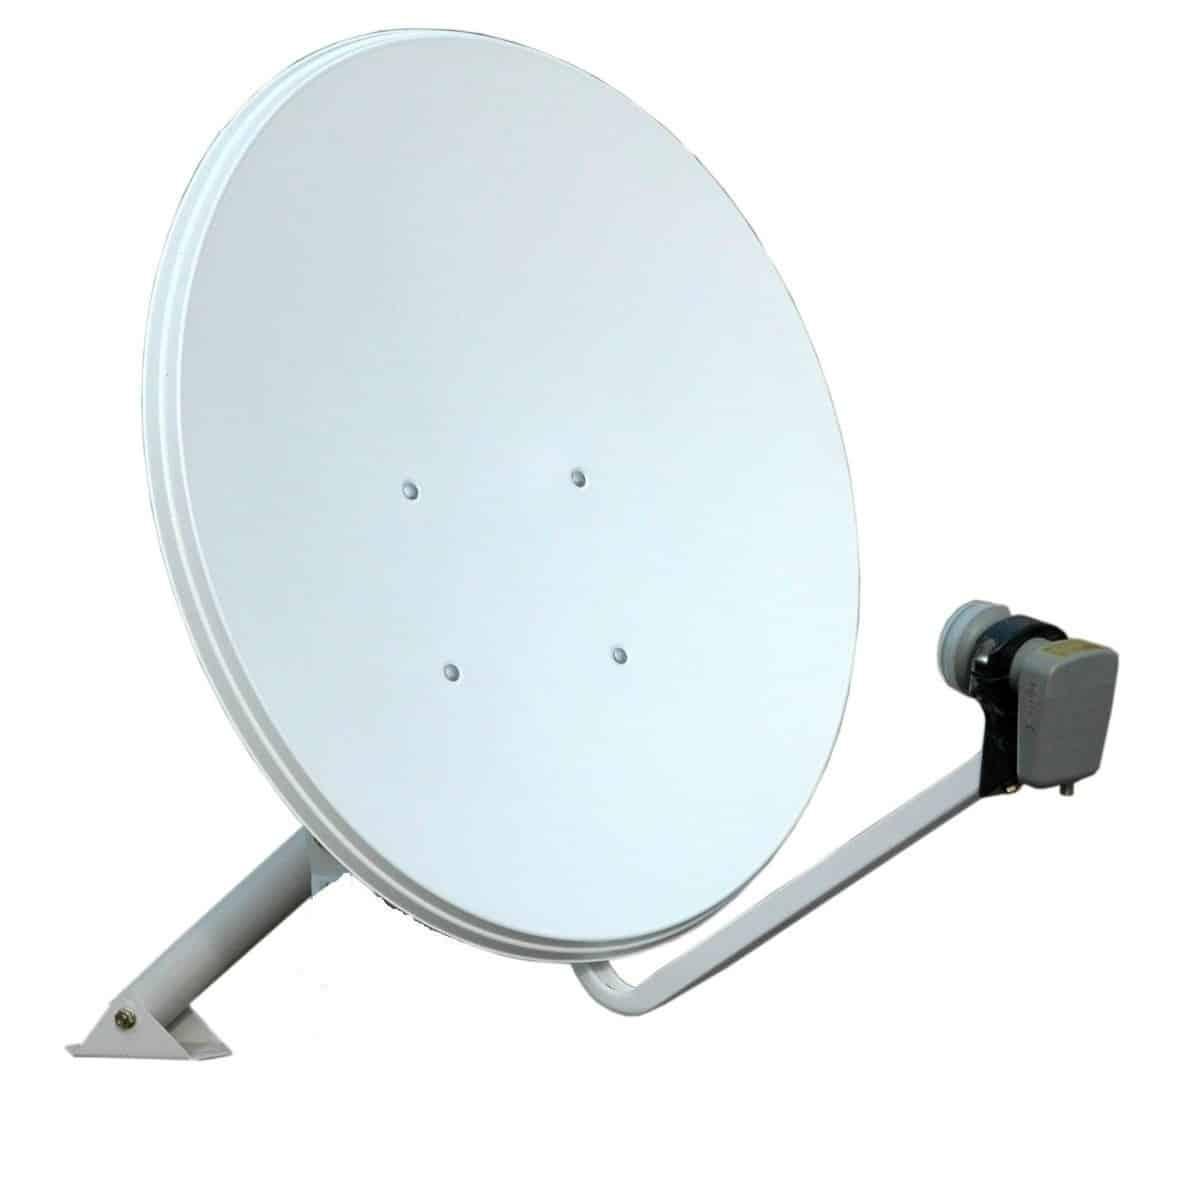 ... oeste para ver los canales de la tv de francia desde valencia fransat: www.instaladorantenas.com/antenistavalencia/antenas-parabolicas